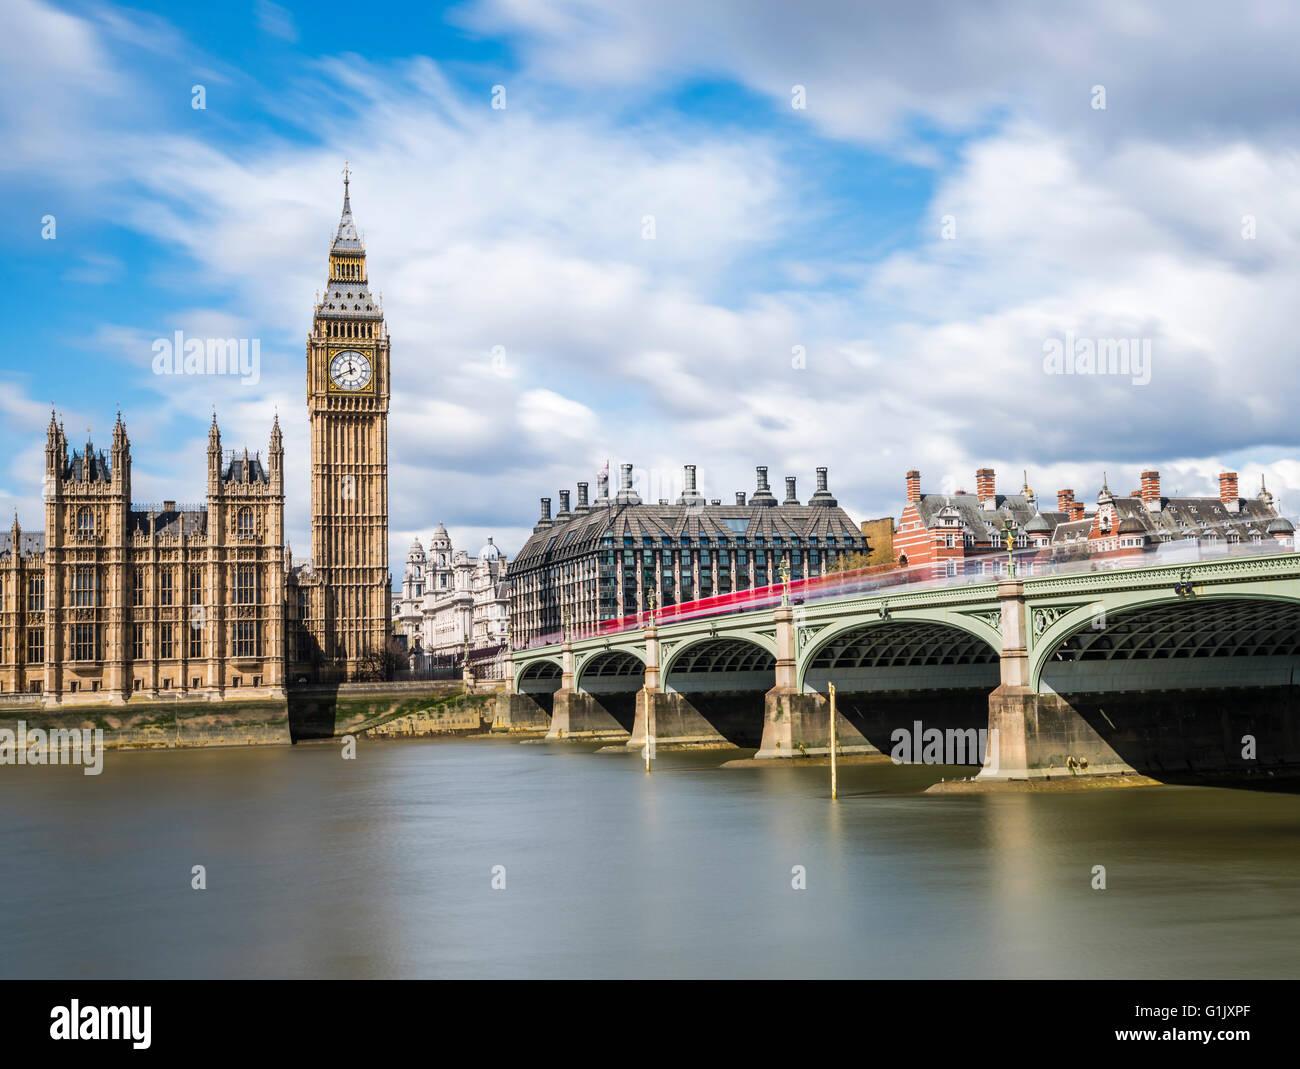 Una lunga esposizione di autobus rossi sul Westminster Bridge, Londra, Regno Unito. Immagini Stock